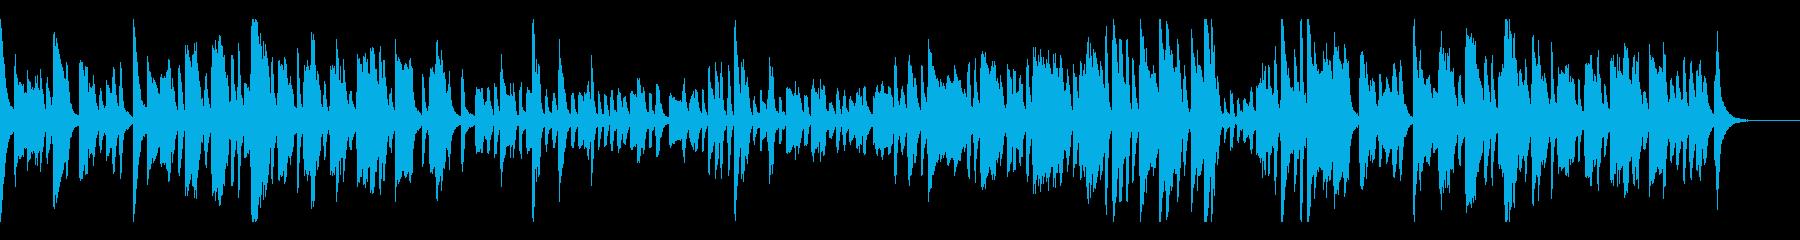 60秒の跳ねる日本のお祭り-ピアノソロの再生済みの波形